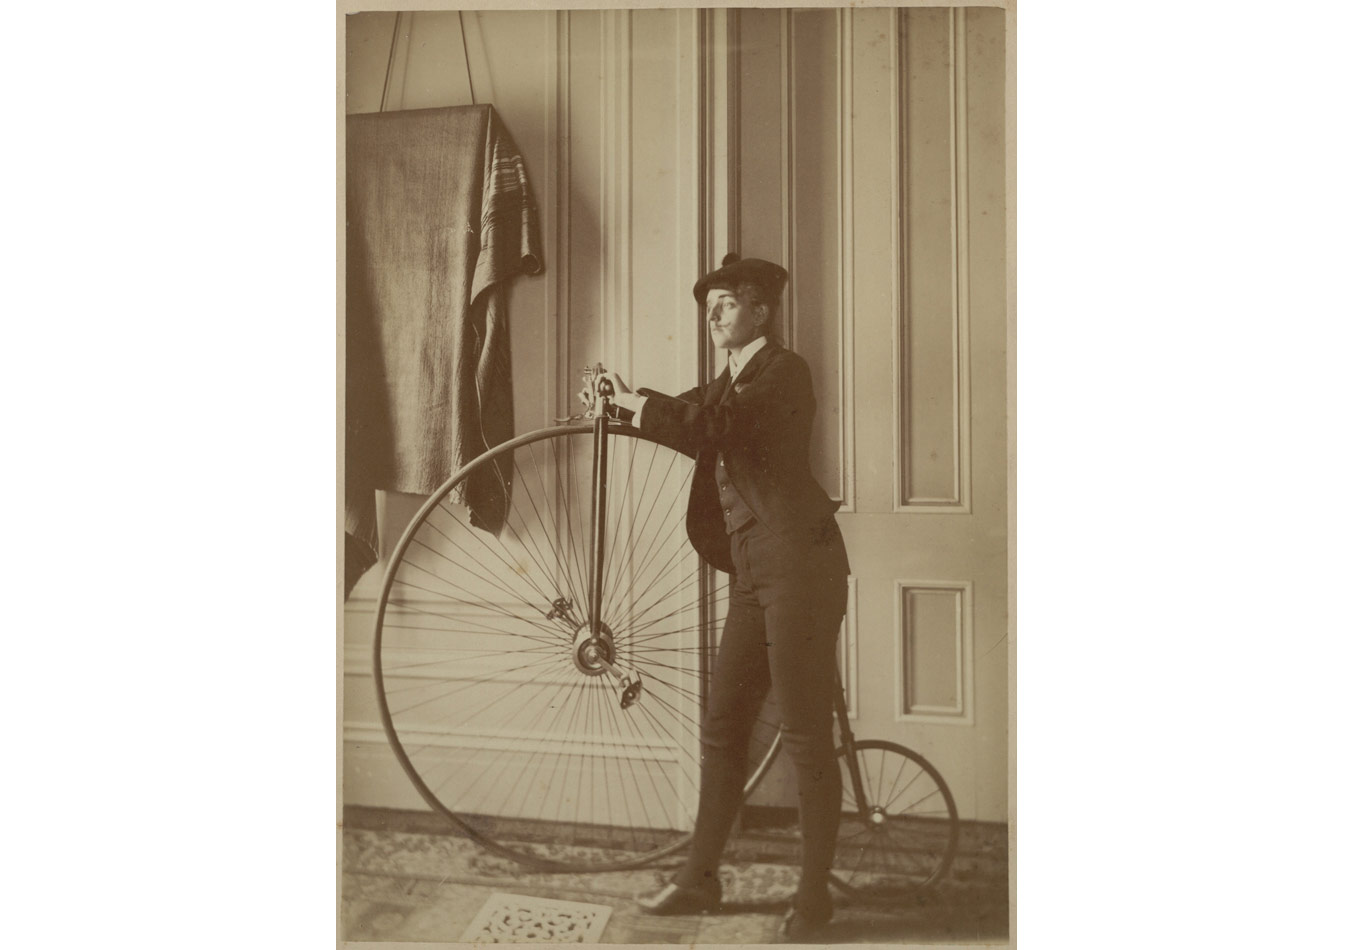 Frances Benjamin Johnston (1864-1952), Erkek bisikletçi kılığında özportre, 1890-1900© Library of Congress, Prints & Photographs Division [LC-USZ62-83111]